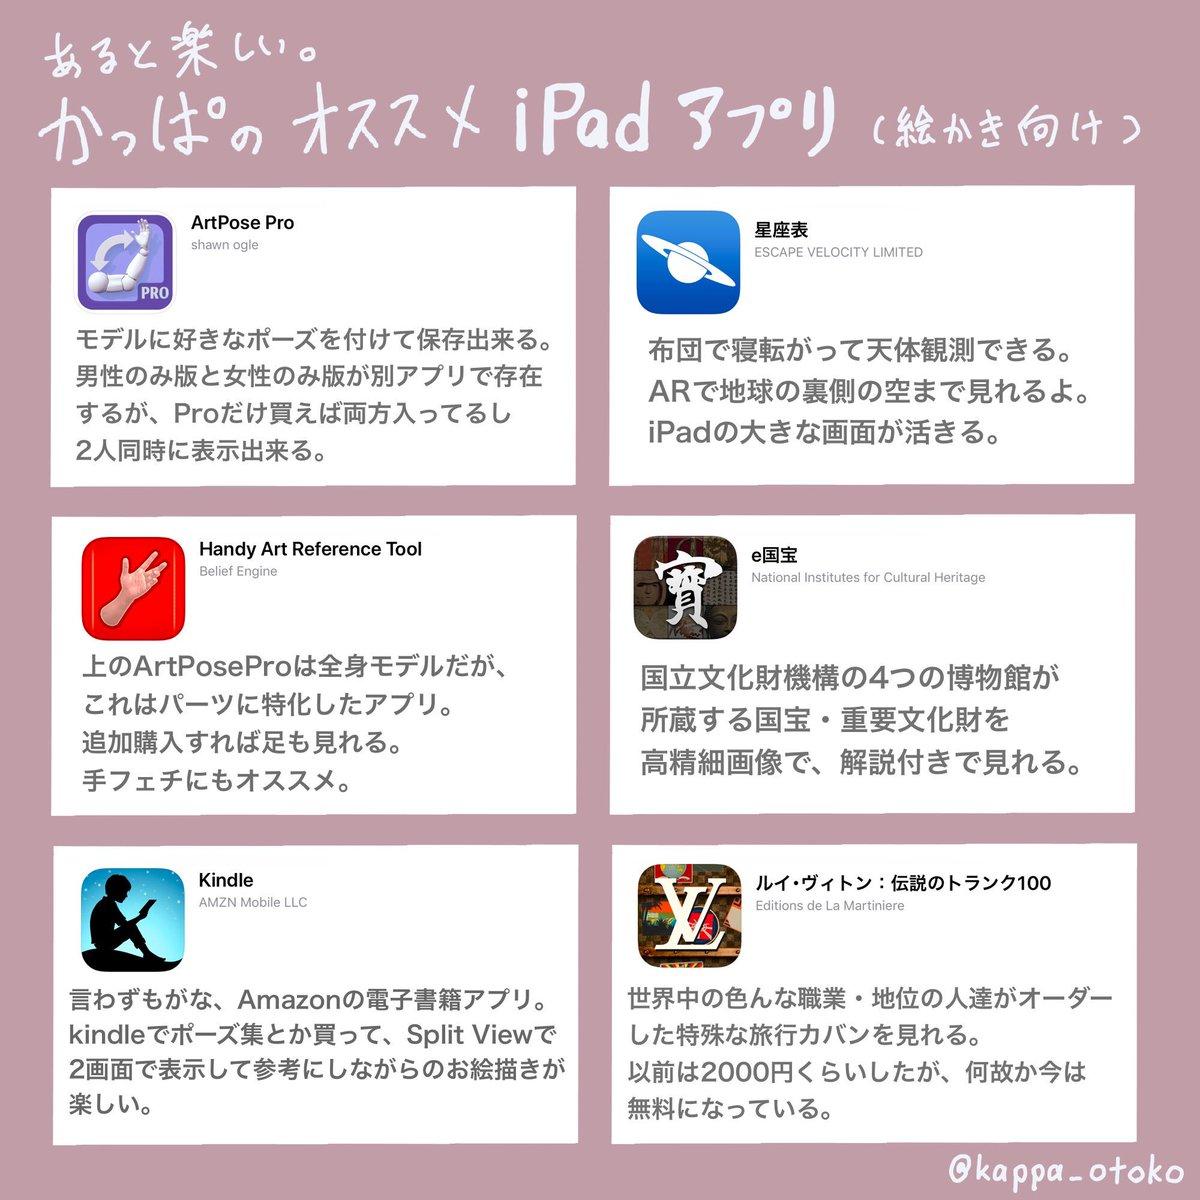 ipad おすすめ アプリ